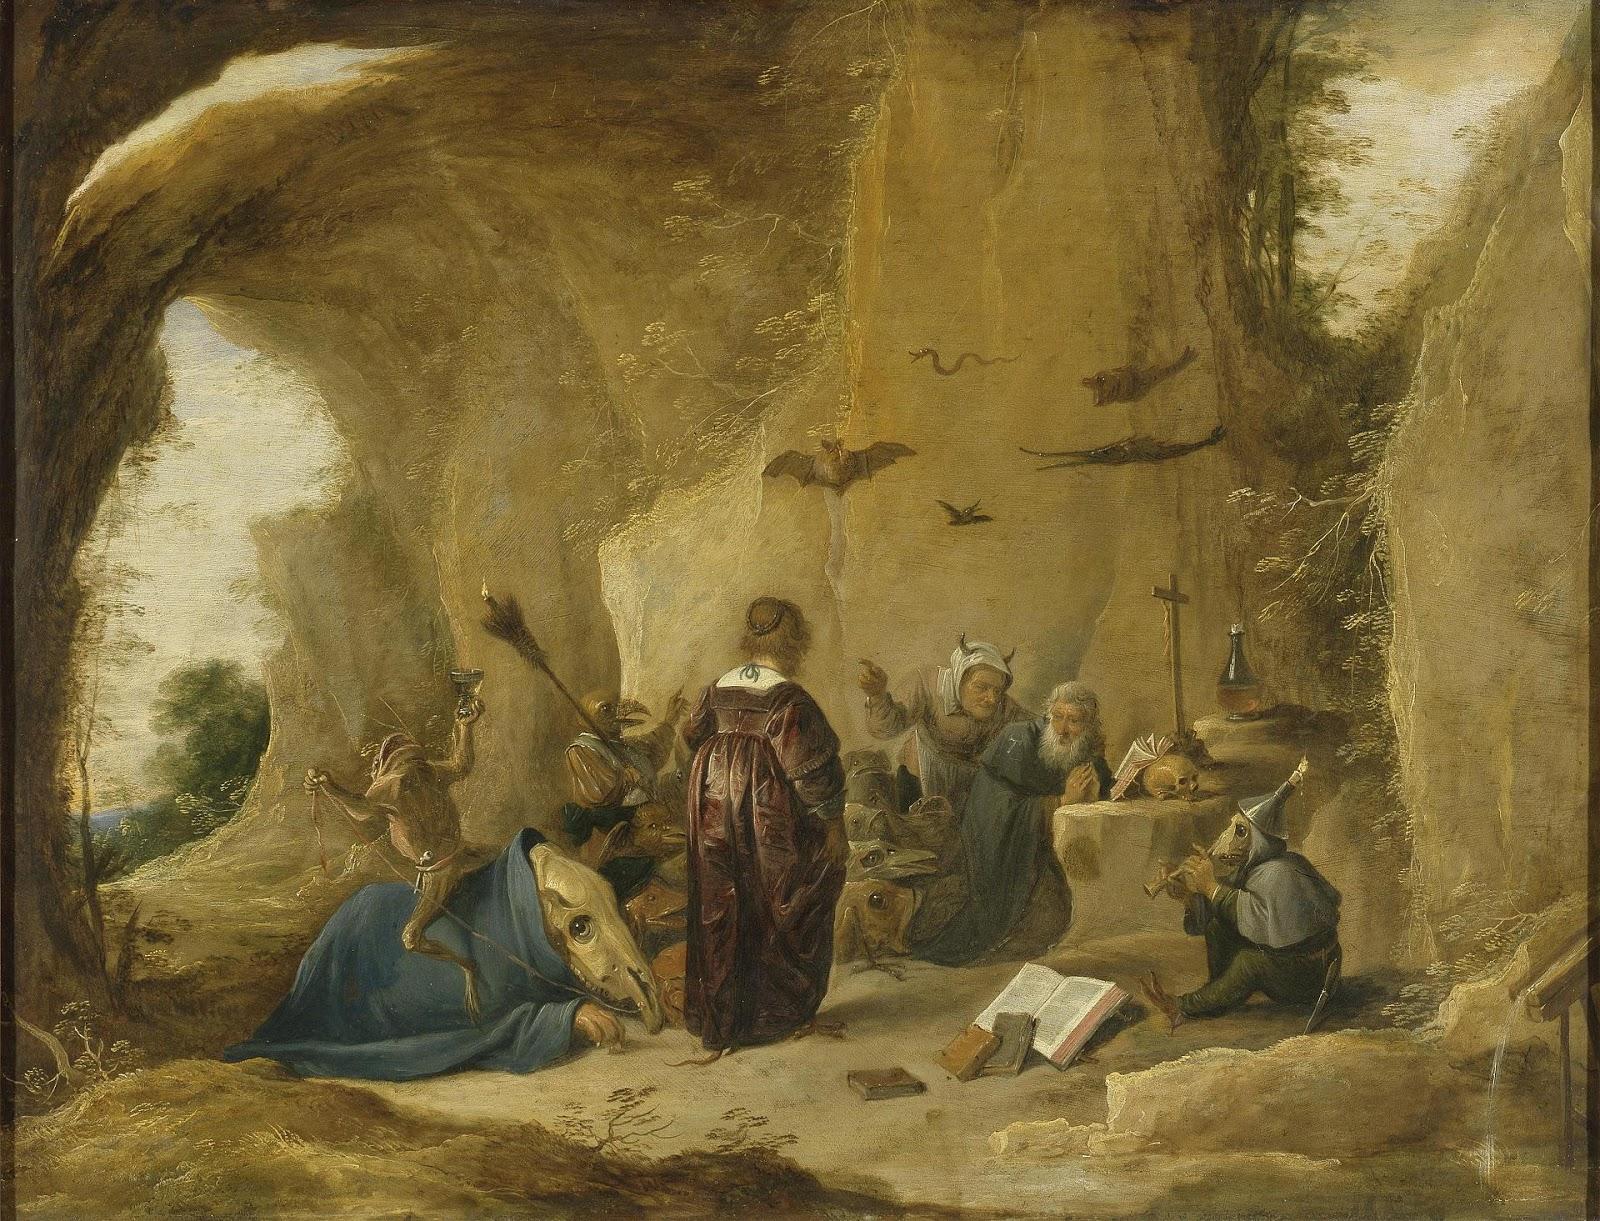 Картинки по запросу temptation of st anthony david teniers the younger